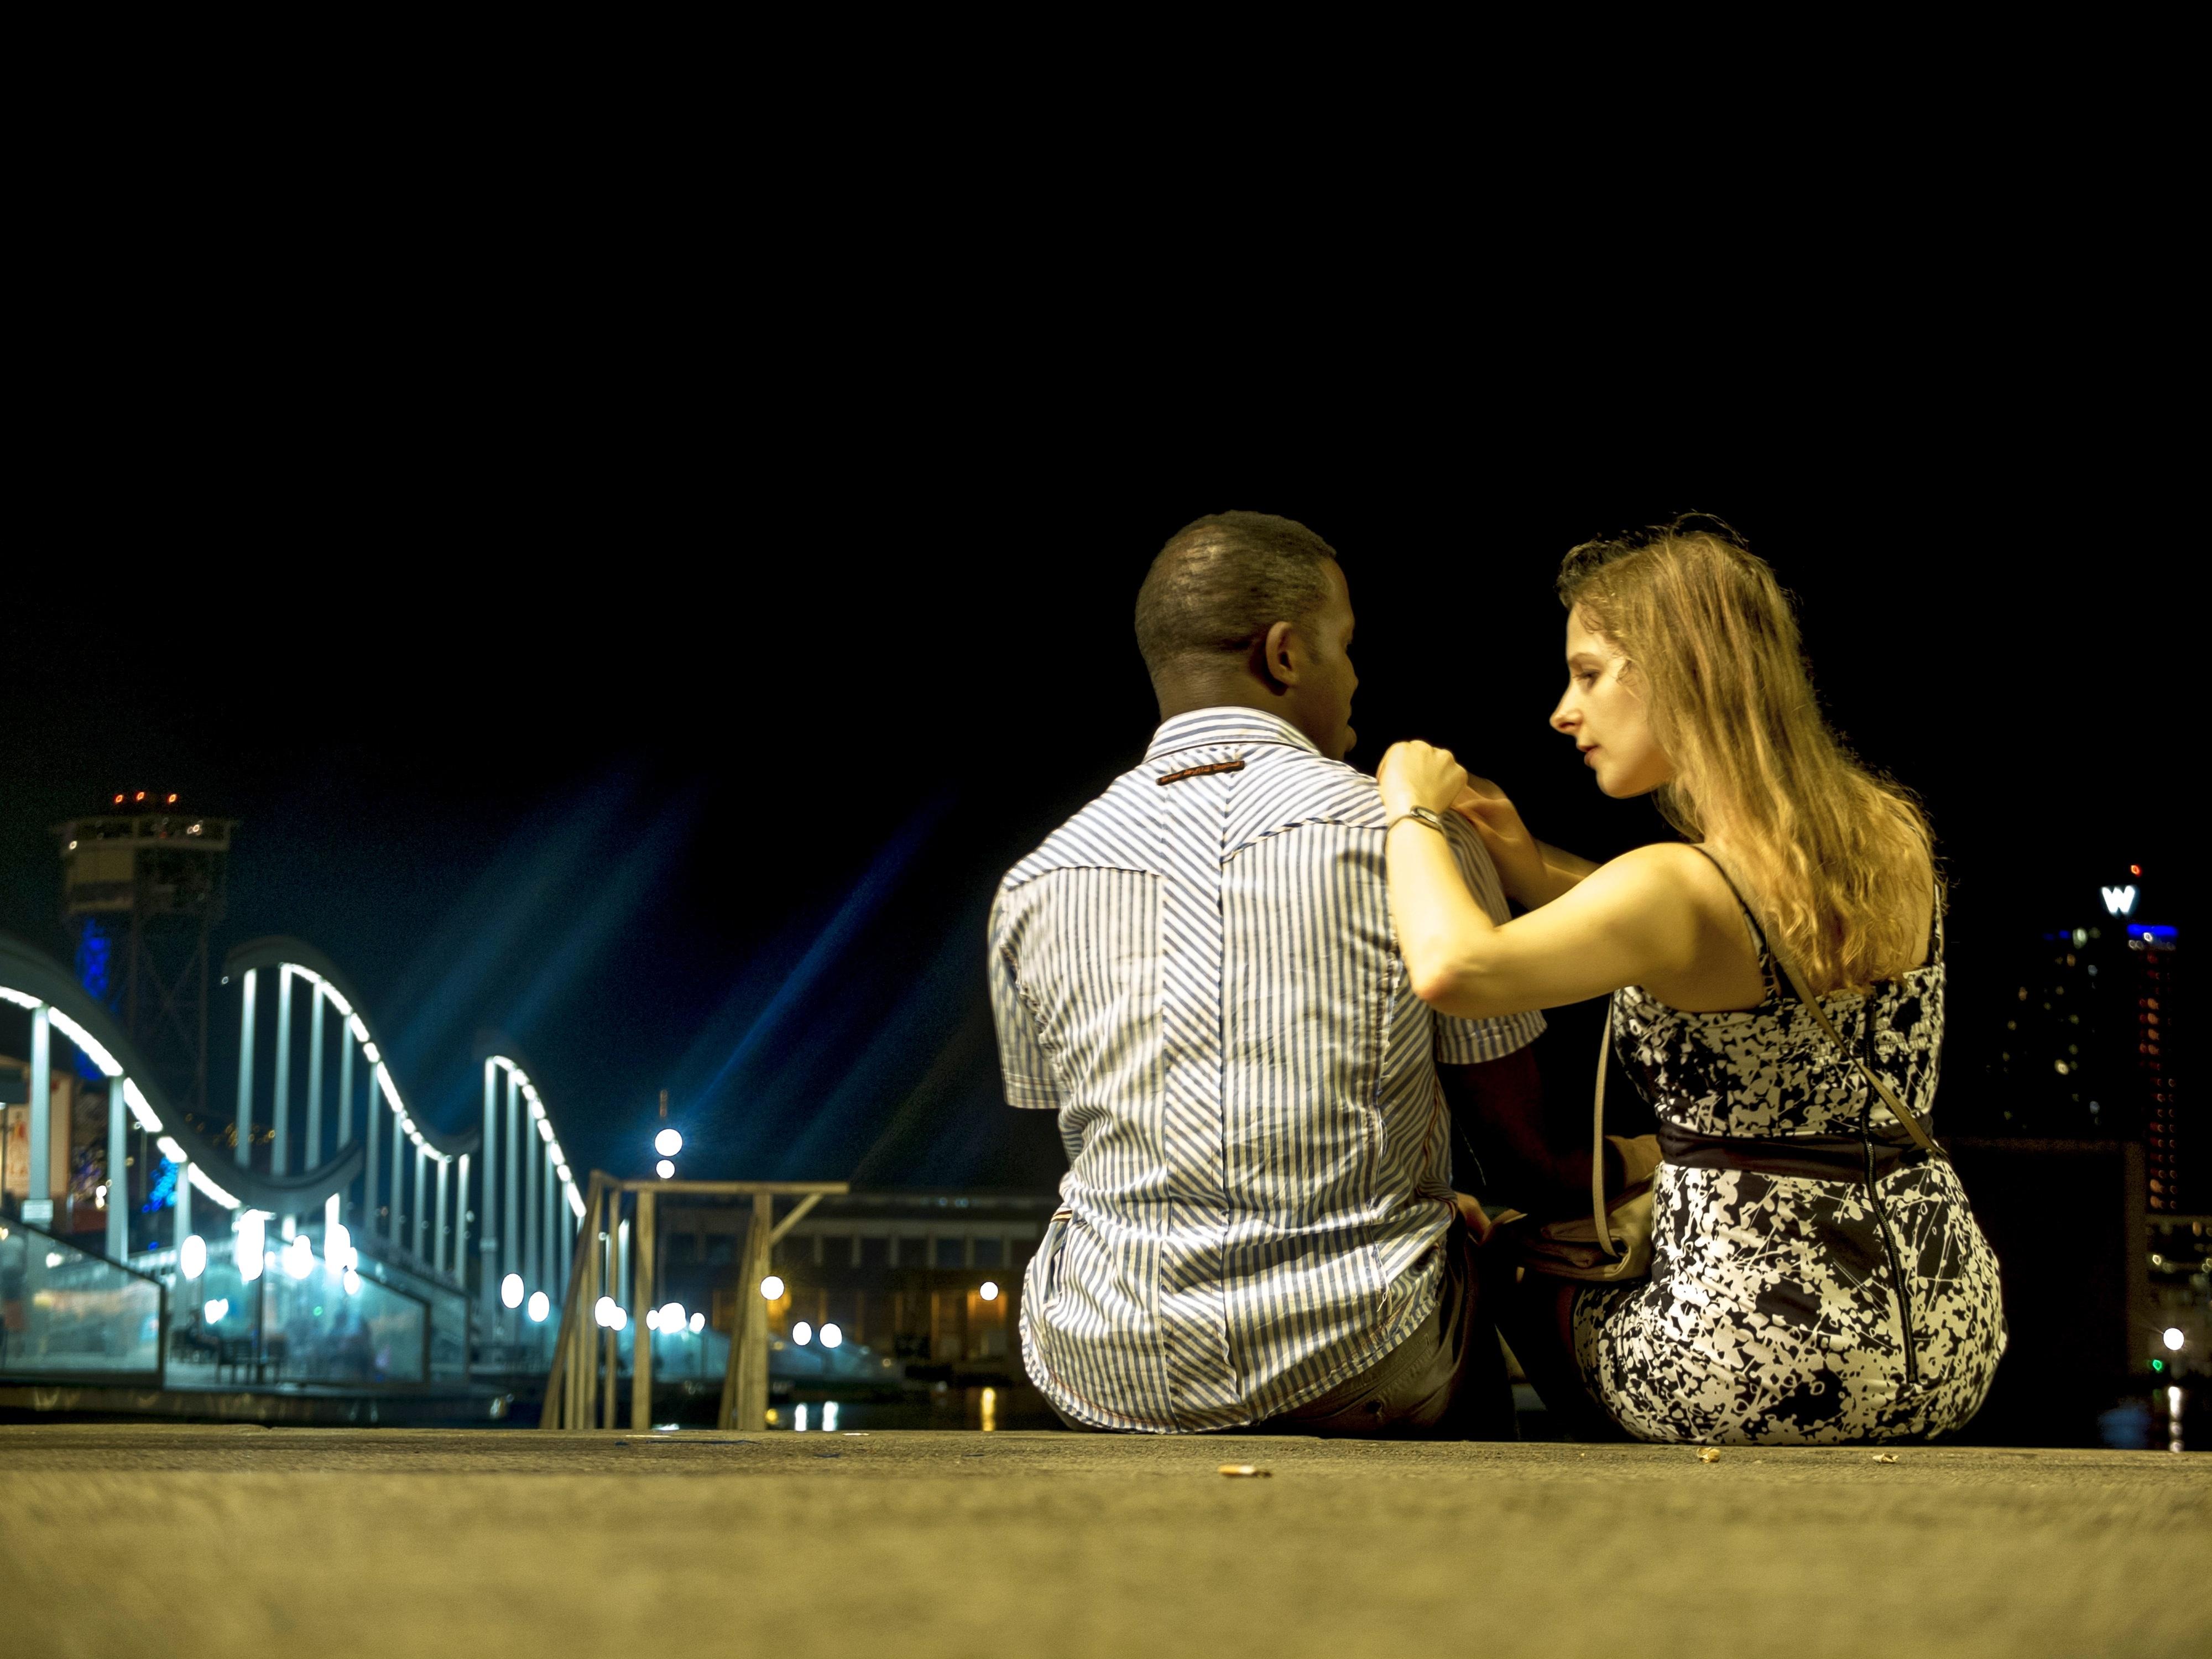 Free picture: romance, boyfriend, girlfriend, summer